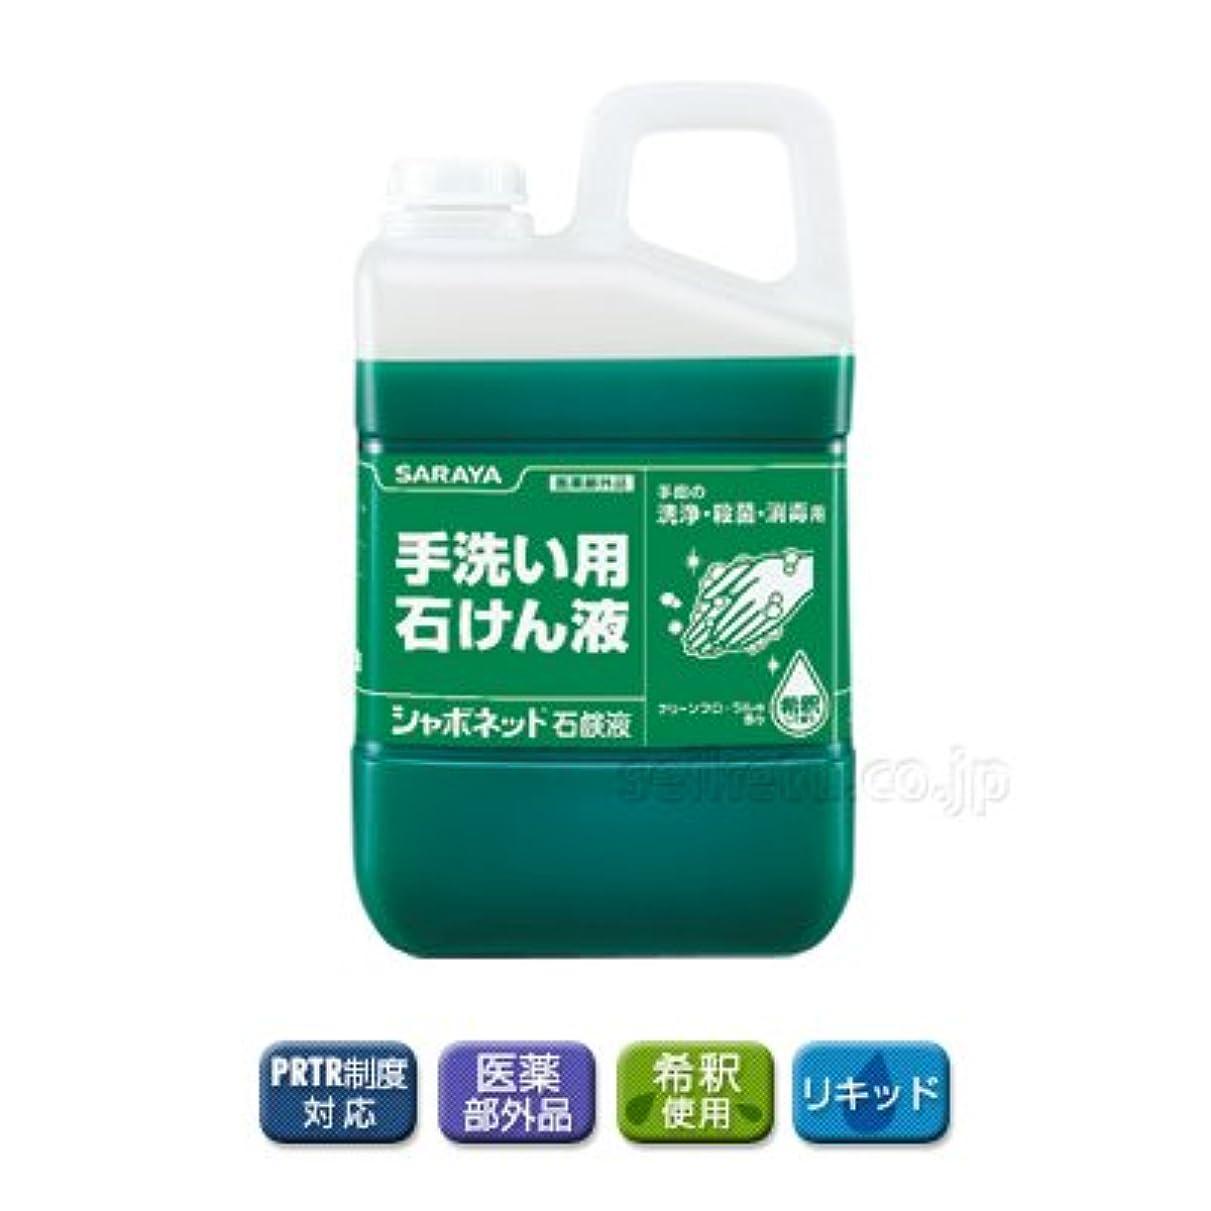 ロマンス責任偶然の【清潔キレイ館】サラヤ シャボネット石鹸液(3kg)